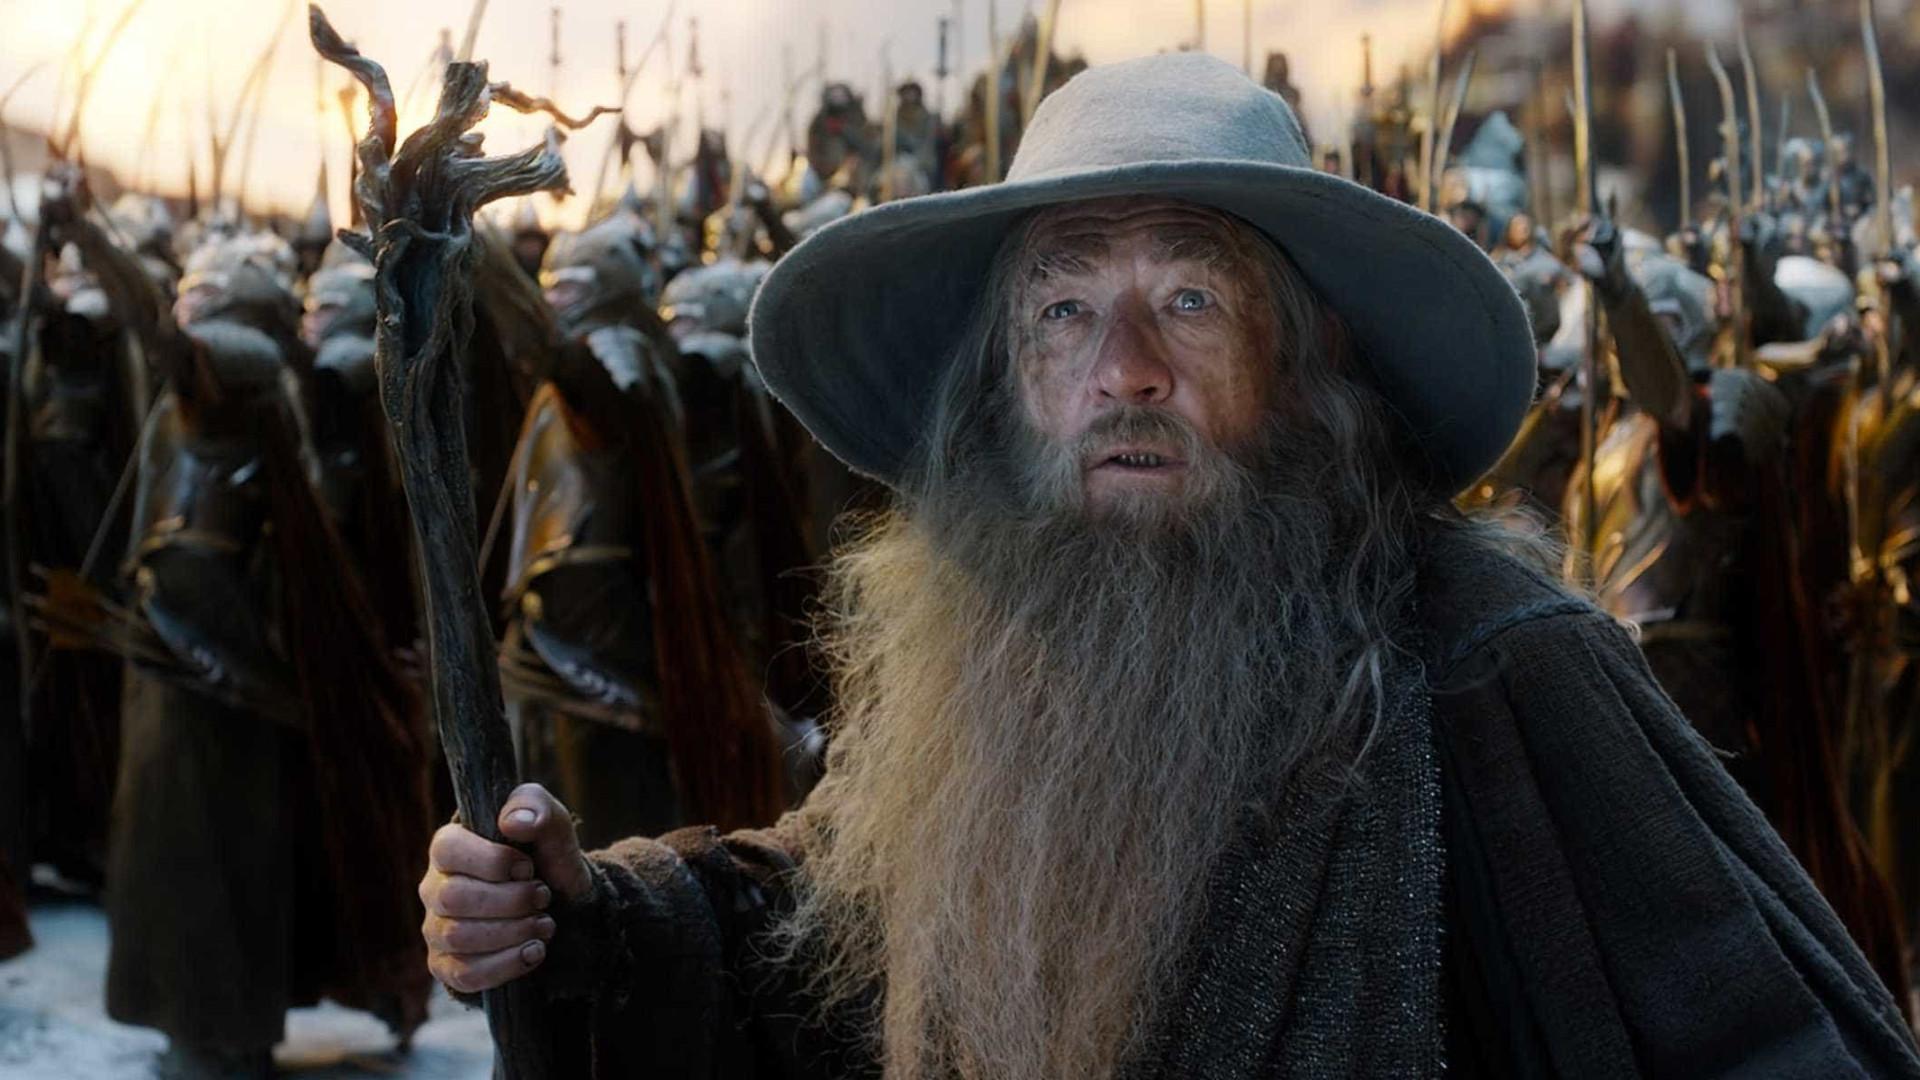 Ator de Gandalf quer retornar à saga de O Senhor dos Anéis